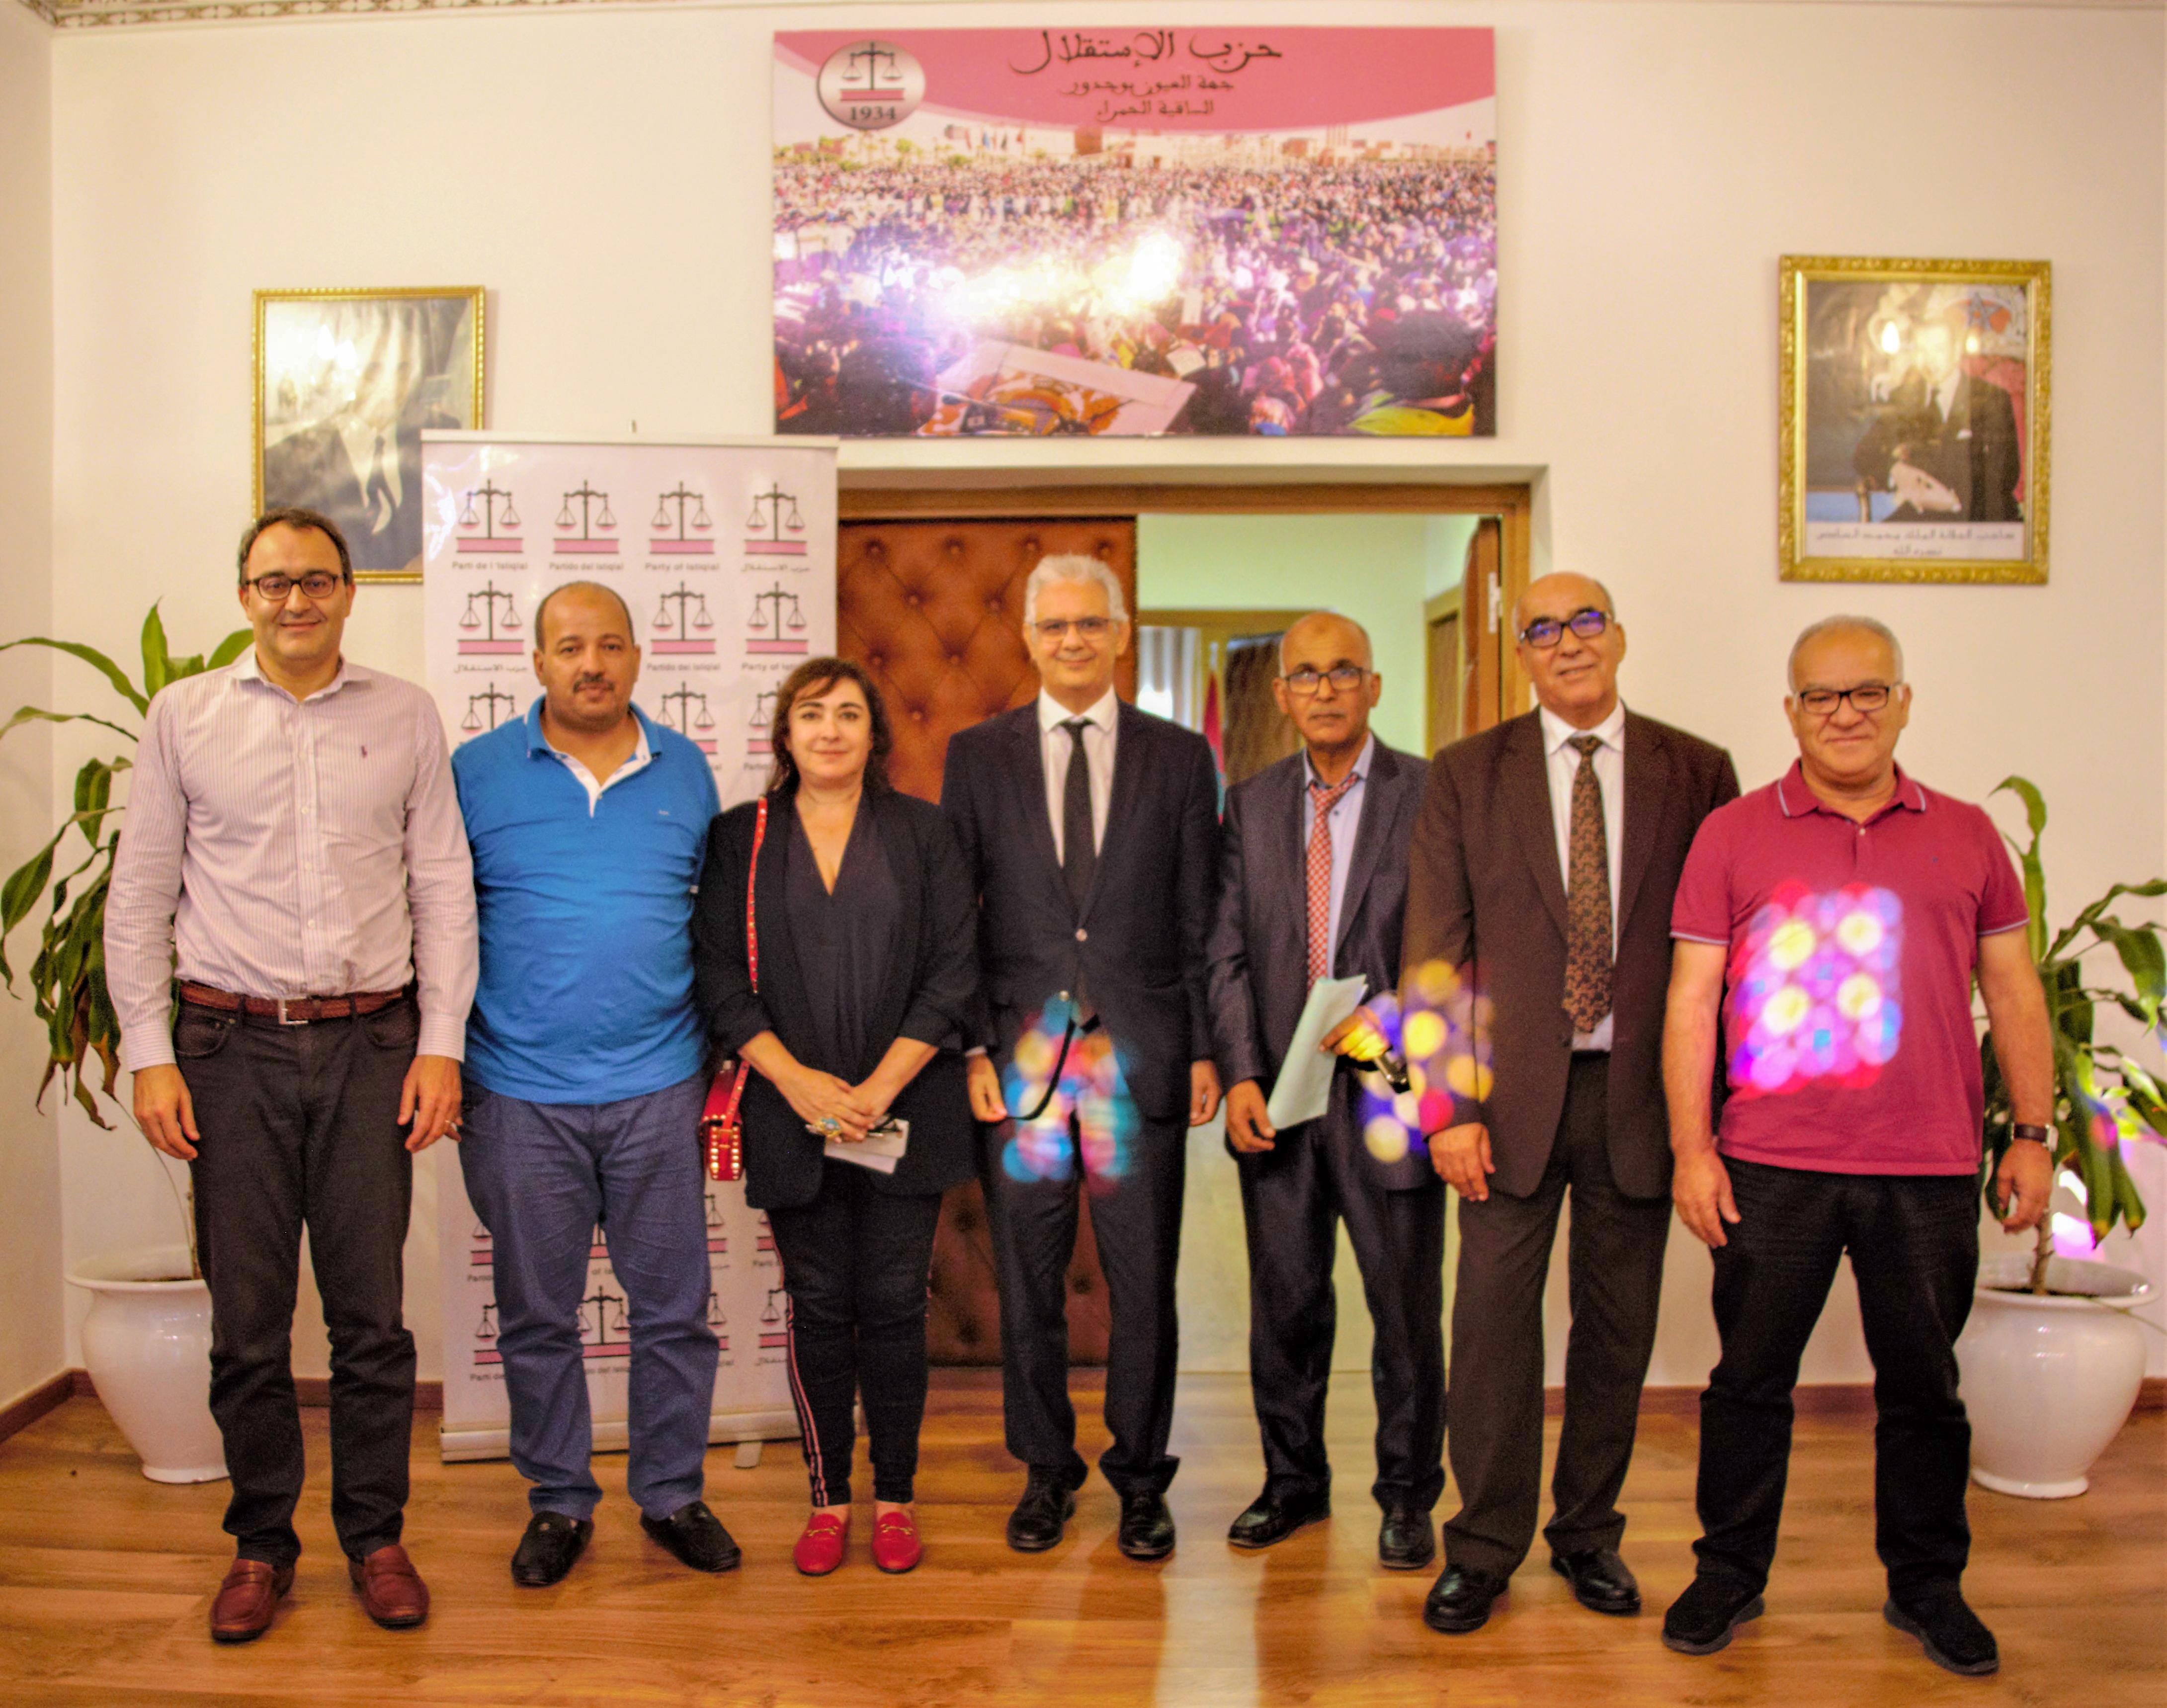 بركة يترأس اجتماع لجنة تنسيق وتطوير العمل الحزبي بالمدن الكبرى